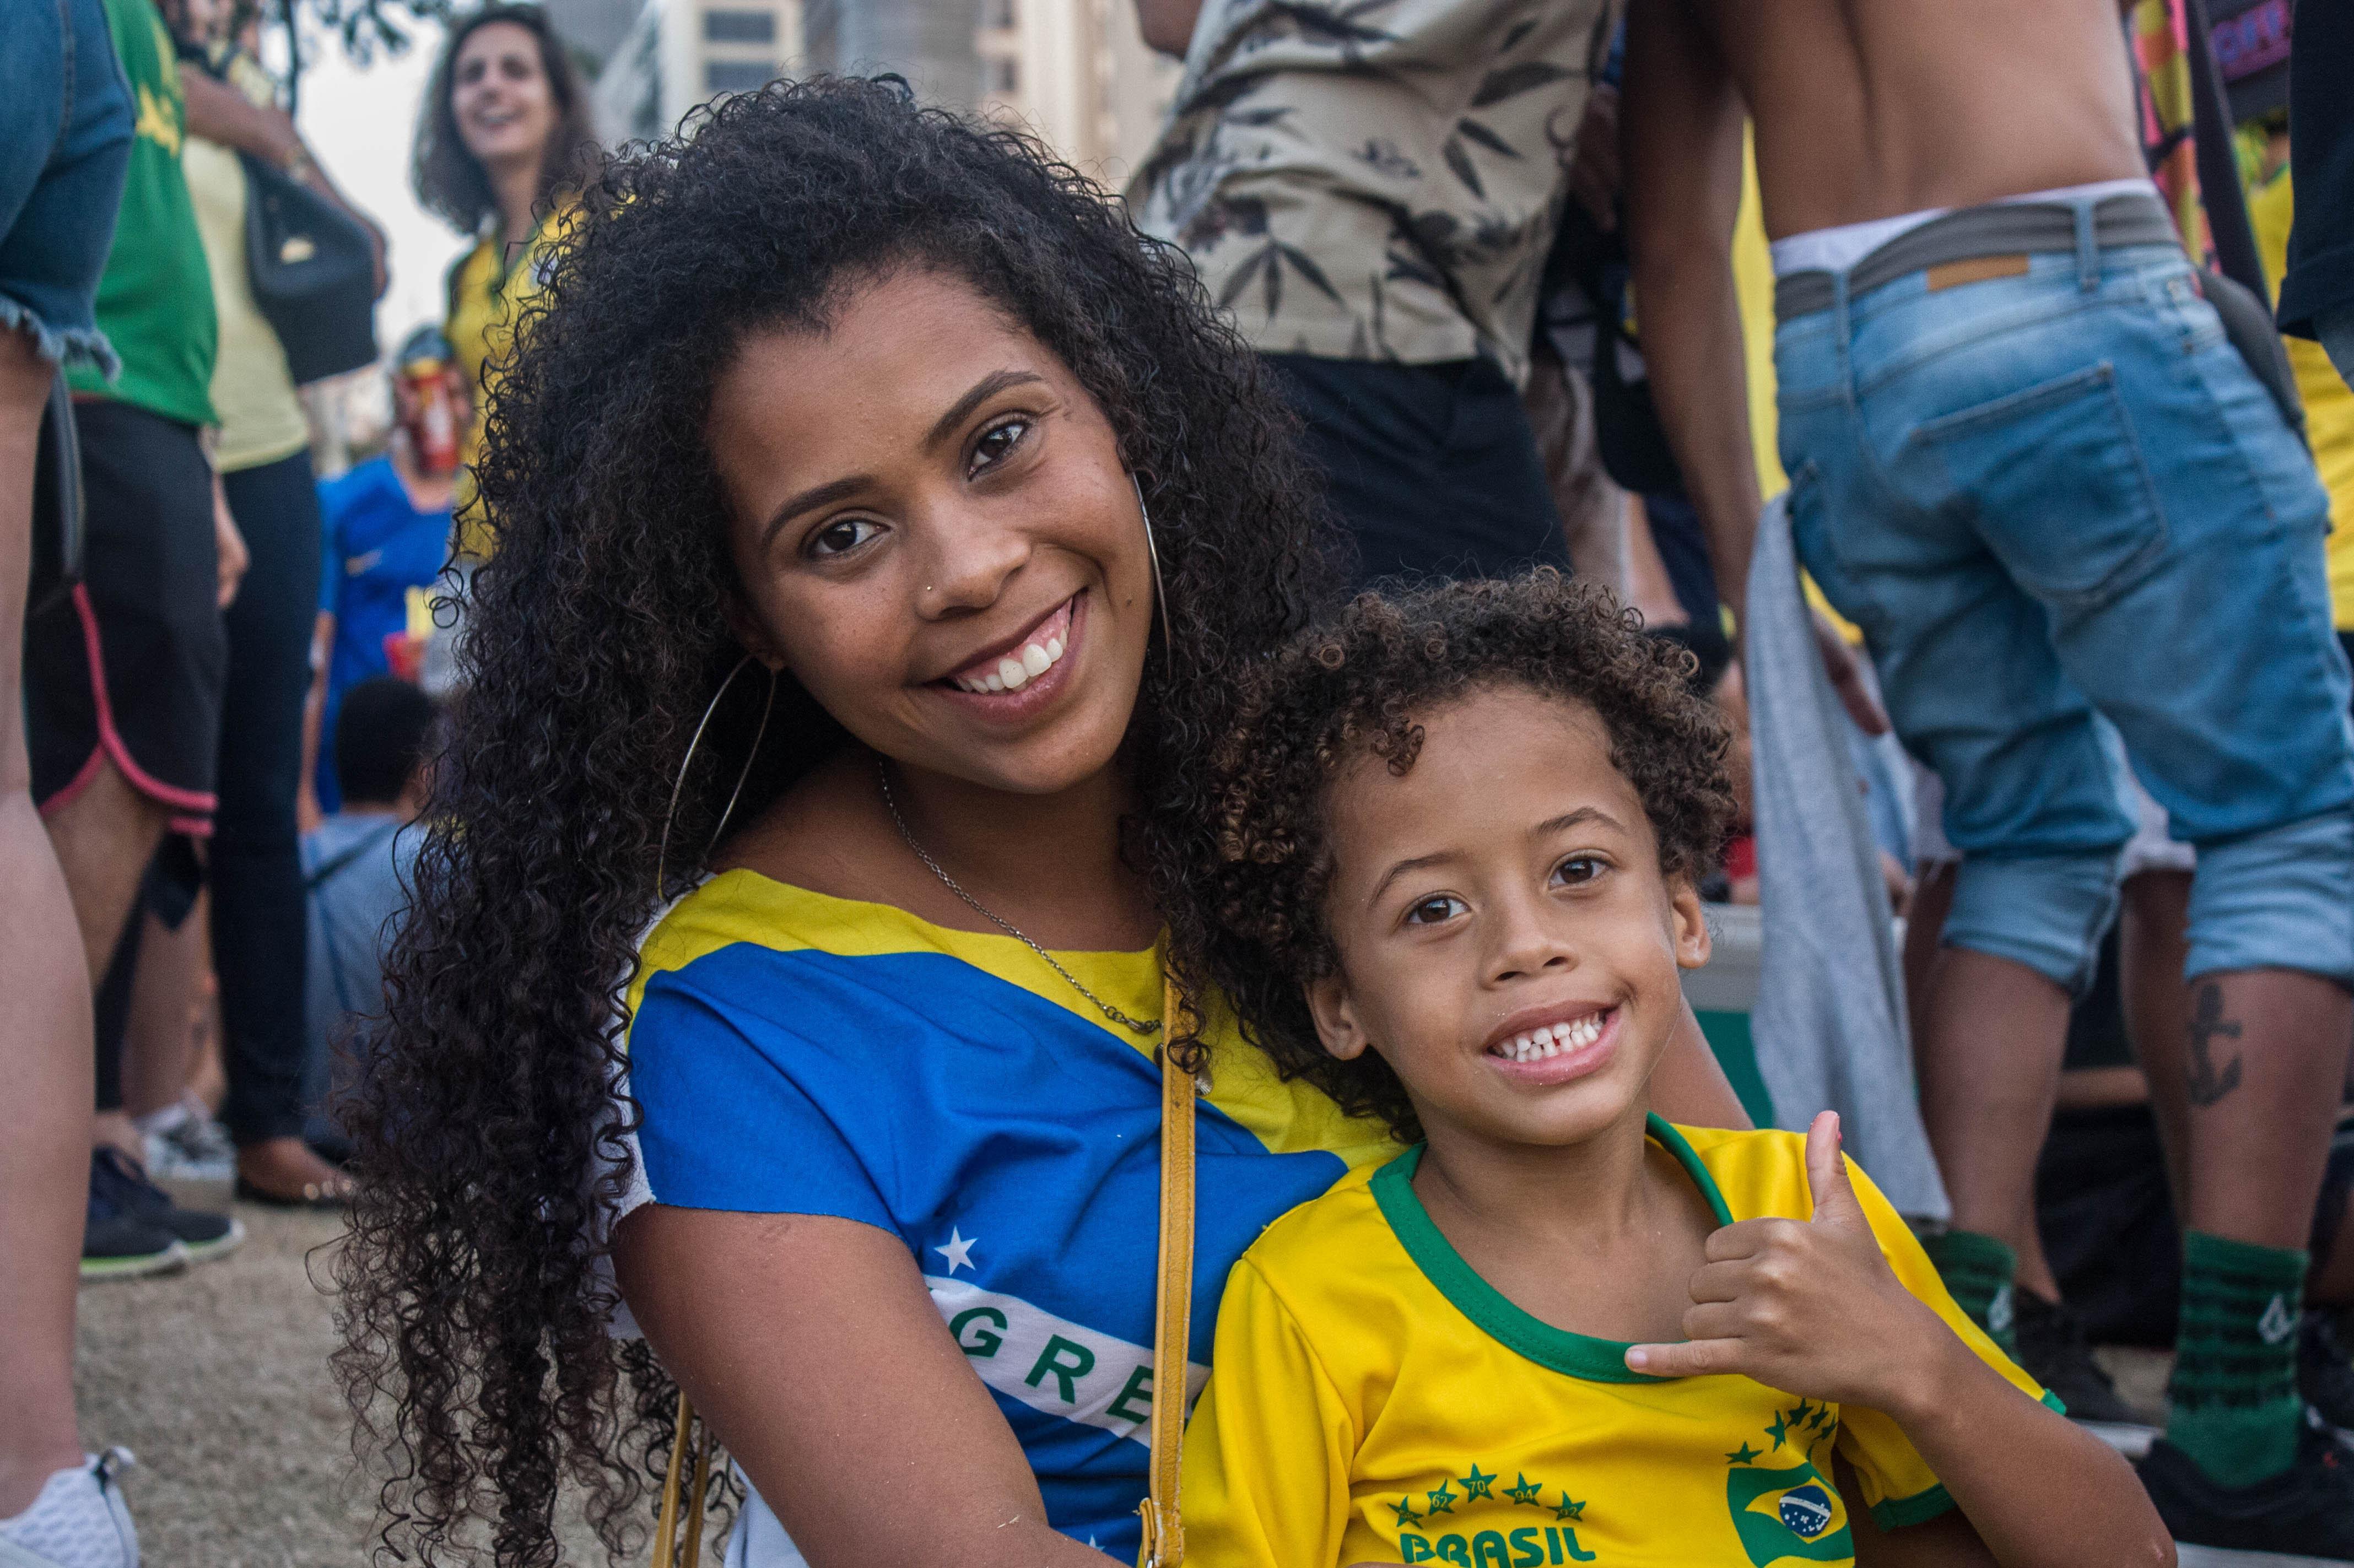 Ariana Cristina Ribeiro e seu filho assistiram ao jogo do Brasil contra a Bélgica na Praça Mauá, no Rio de Janeiro.